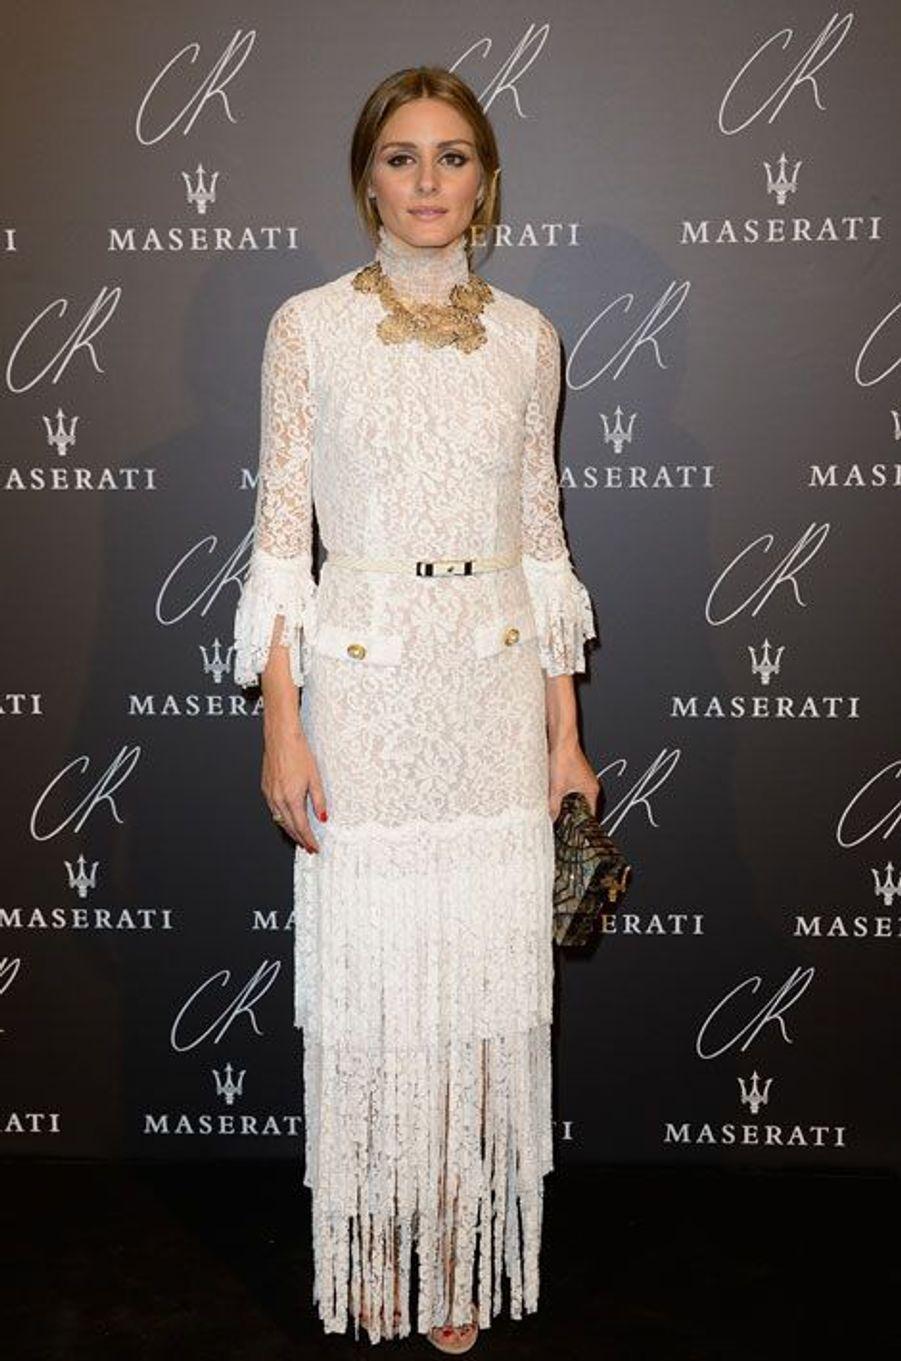 La styliste Olivia Palermo lors de la soirée CR Fashion Night à Paris, le 30 septembre 2014